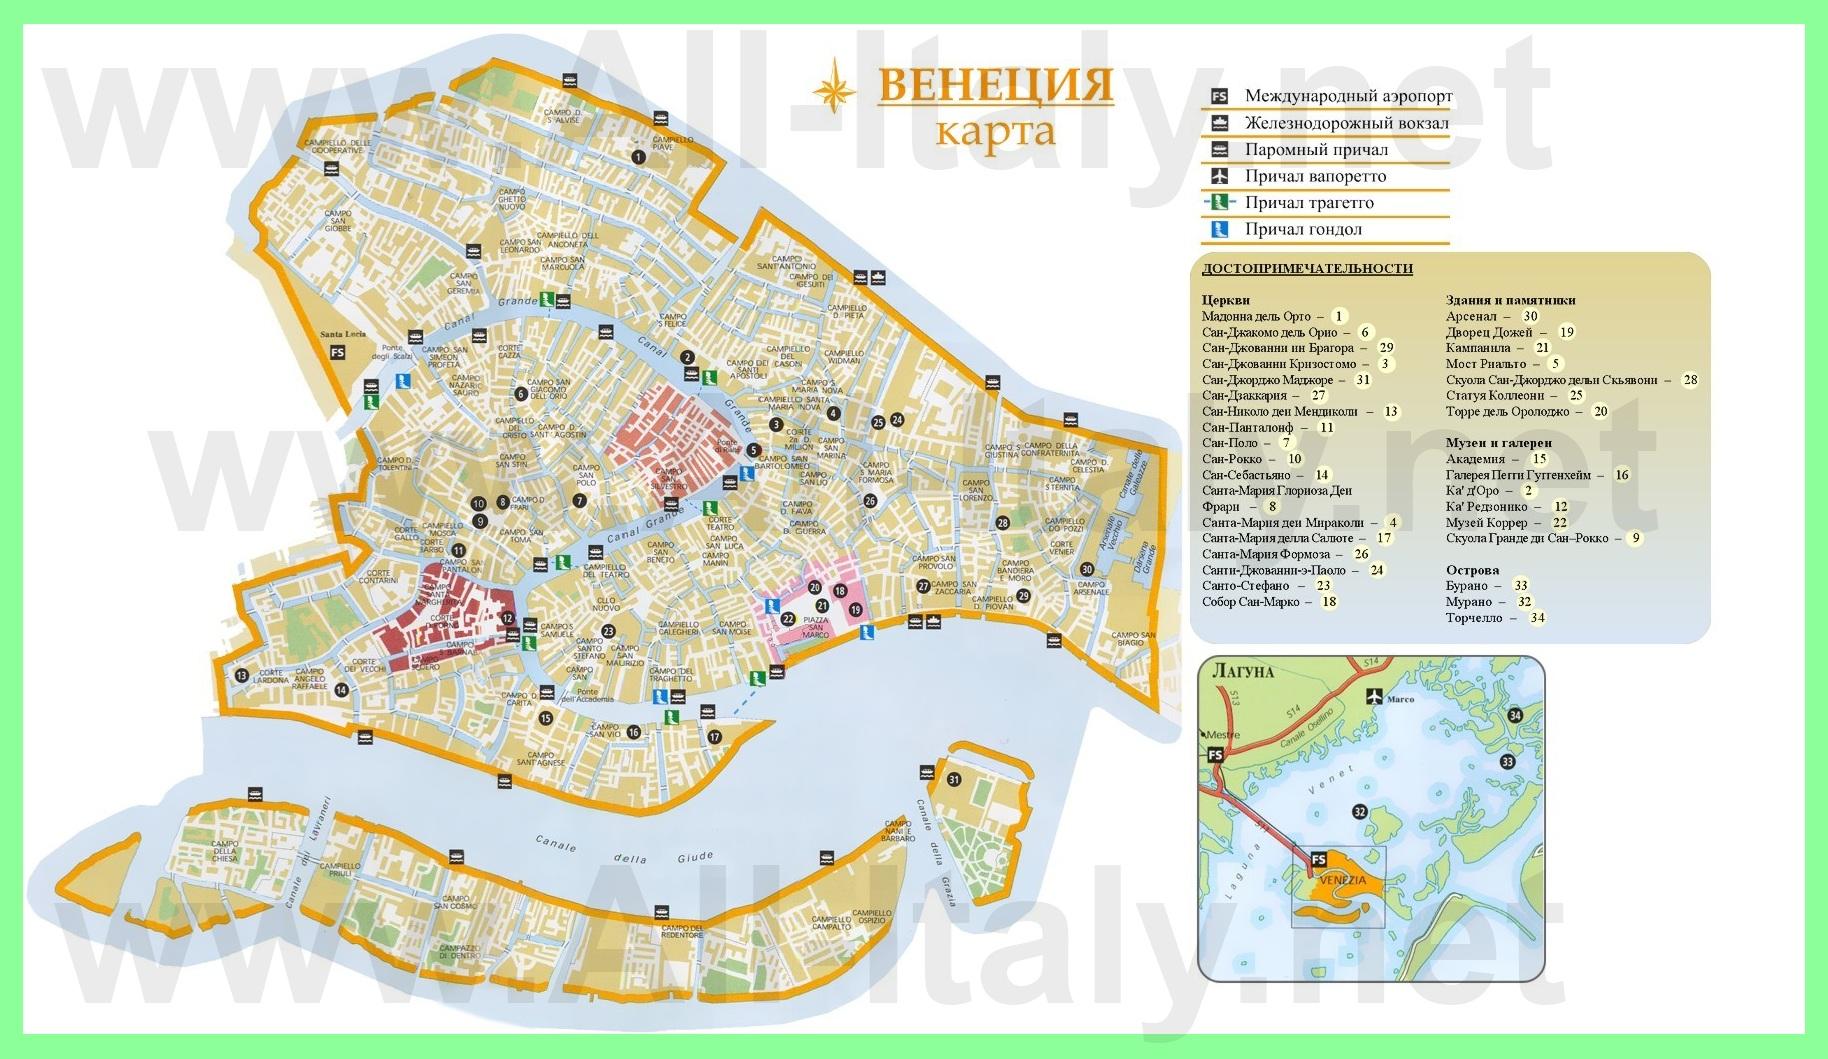 Туристическая карта венеции с